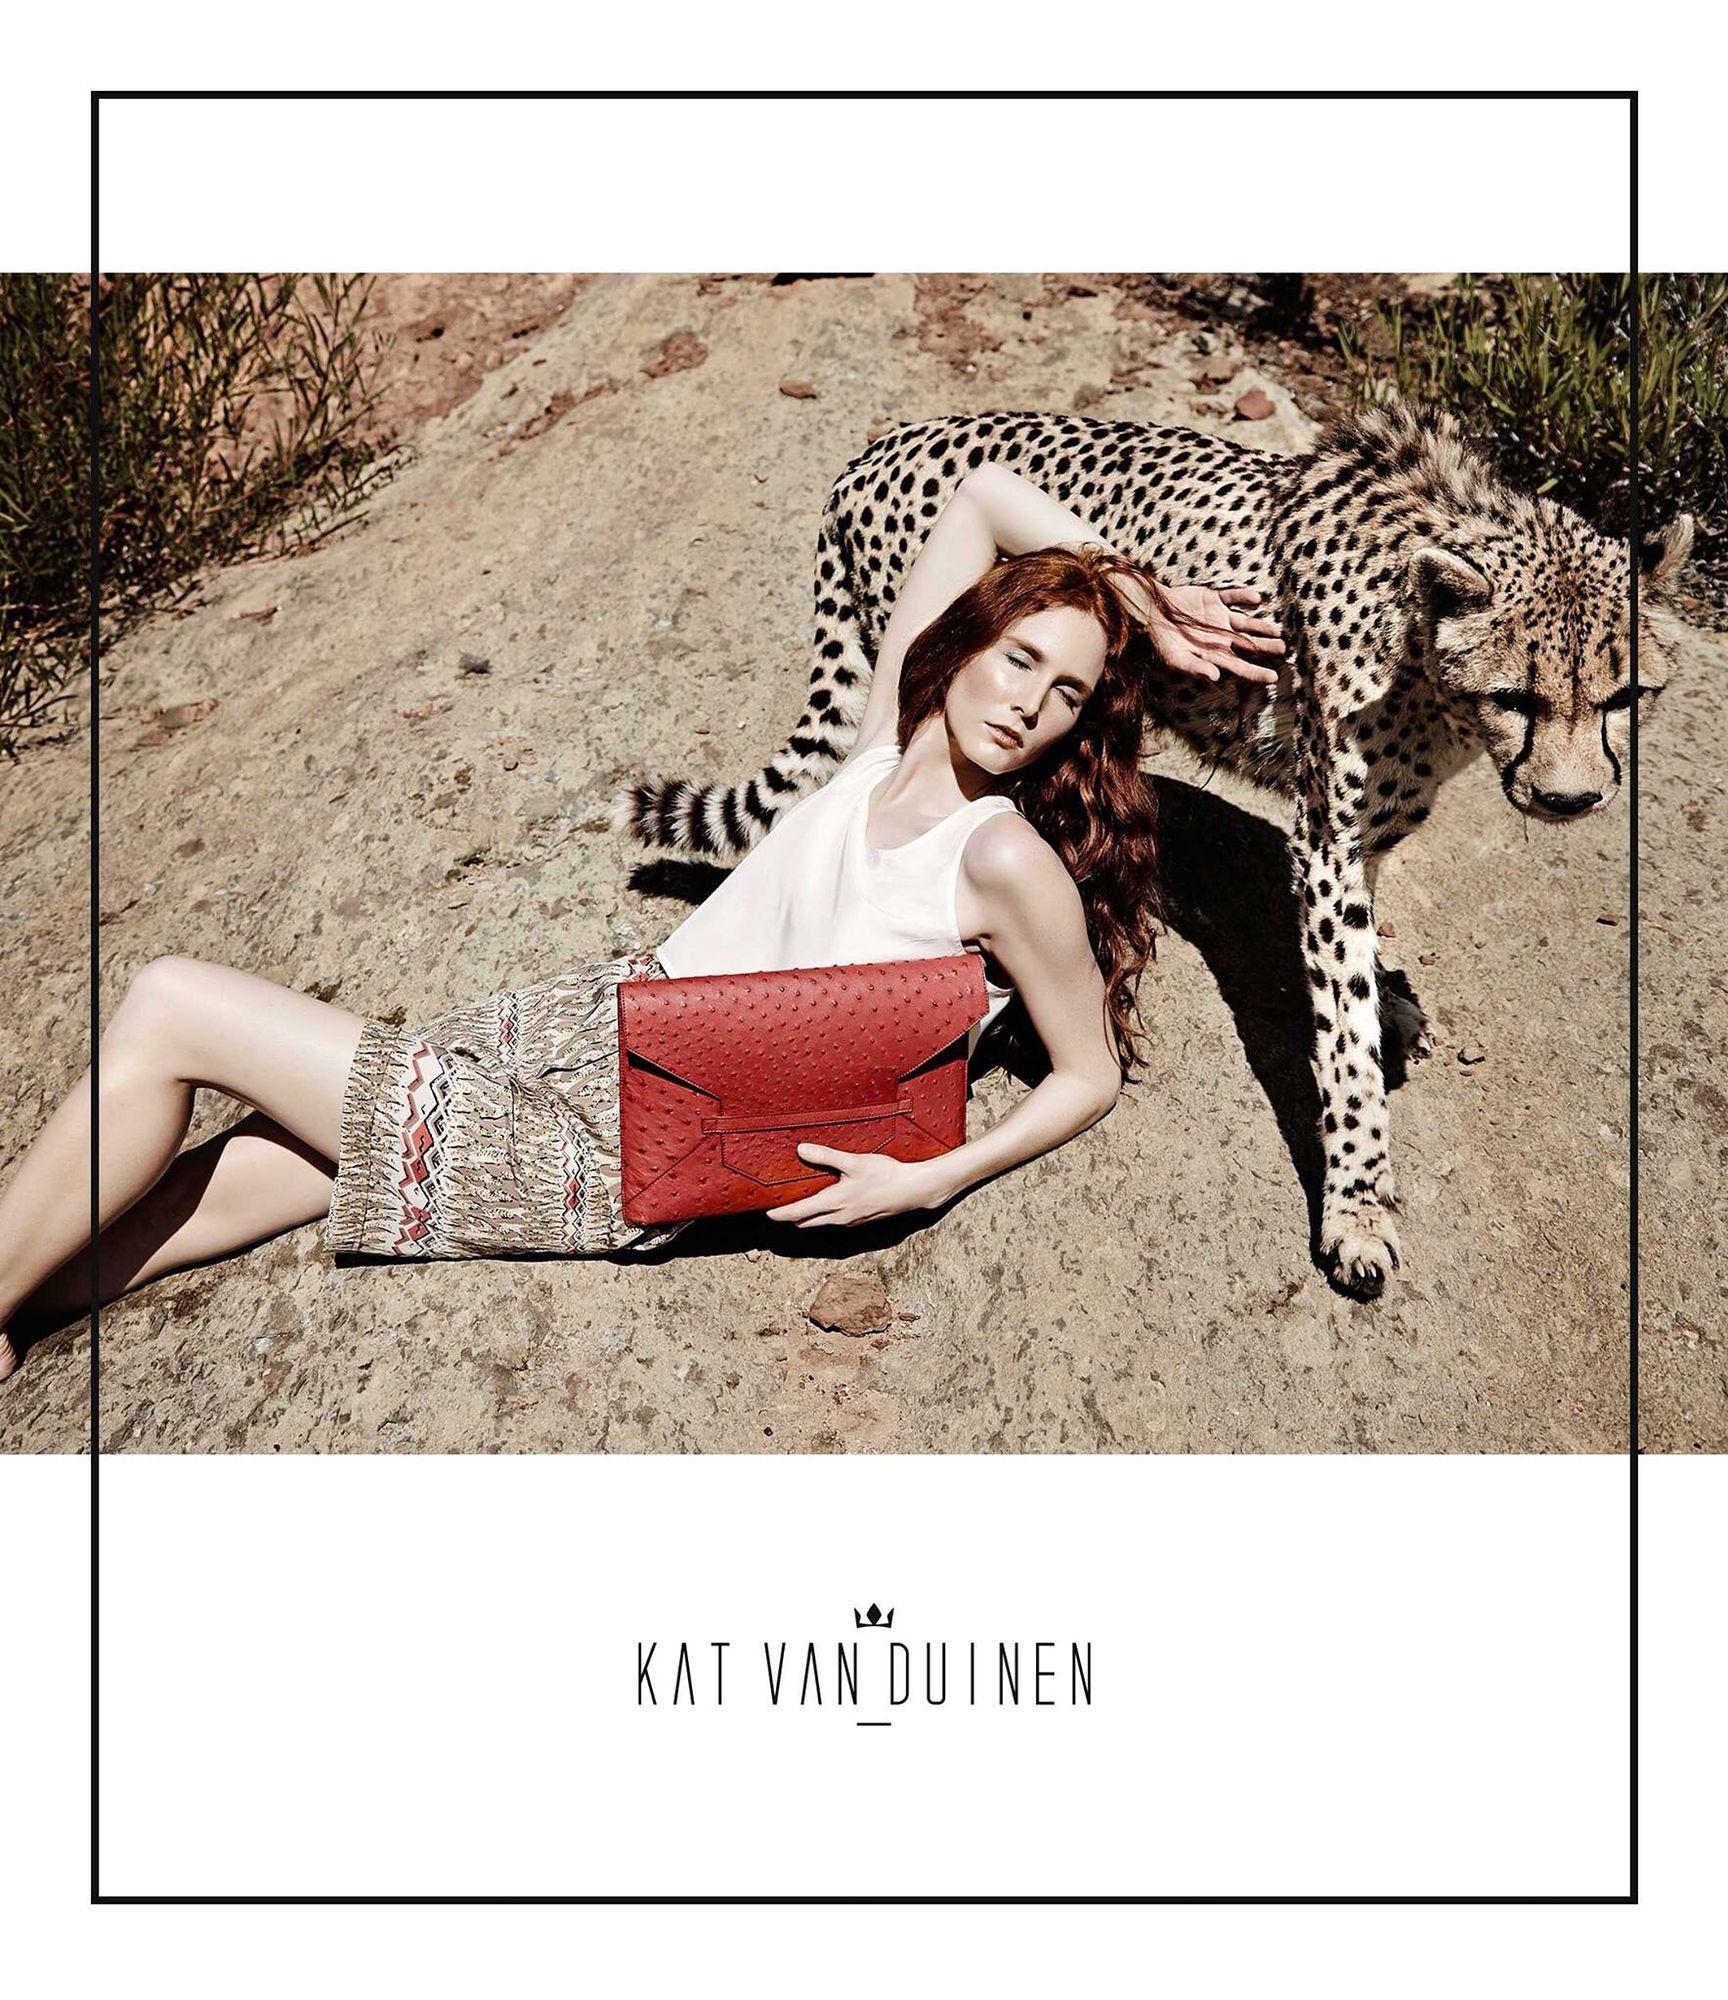 Kat van Duinen Spring/summer 2016 Campaign